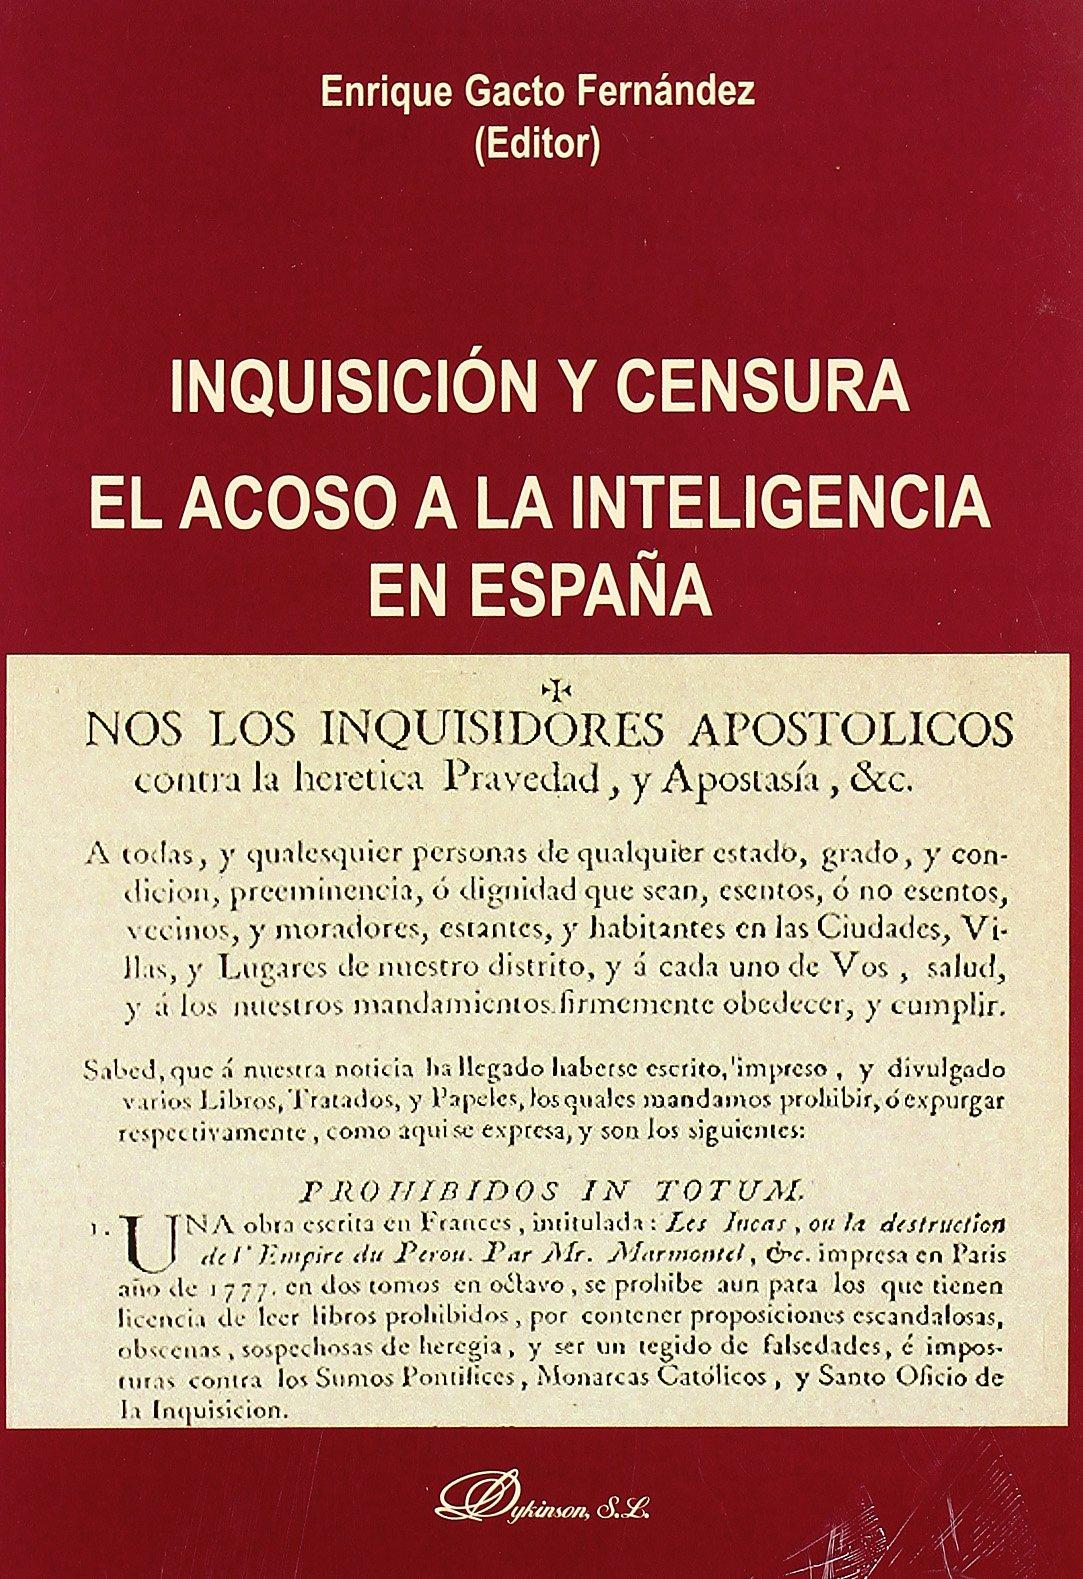 Inquisición y censura El acoso a la intelegencia en españa: Amazon.es: GACTO FERNANDEZ, ENRIQUE: Libros